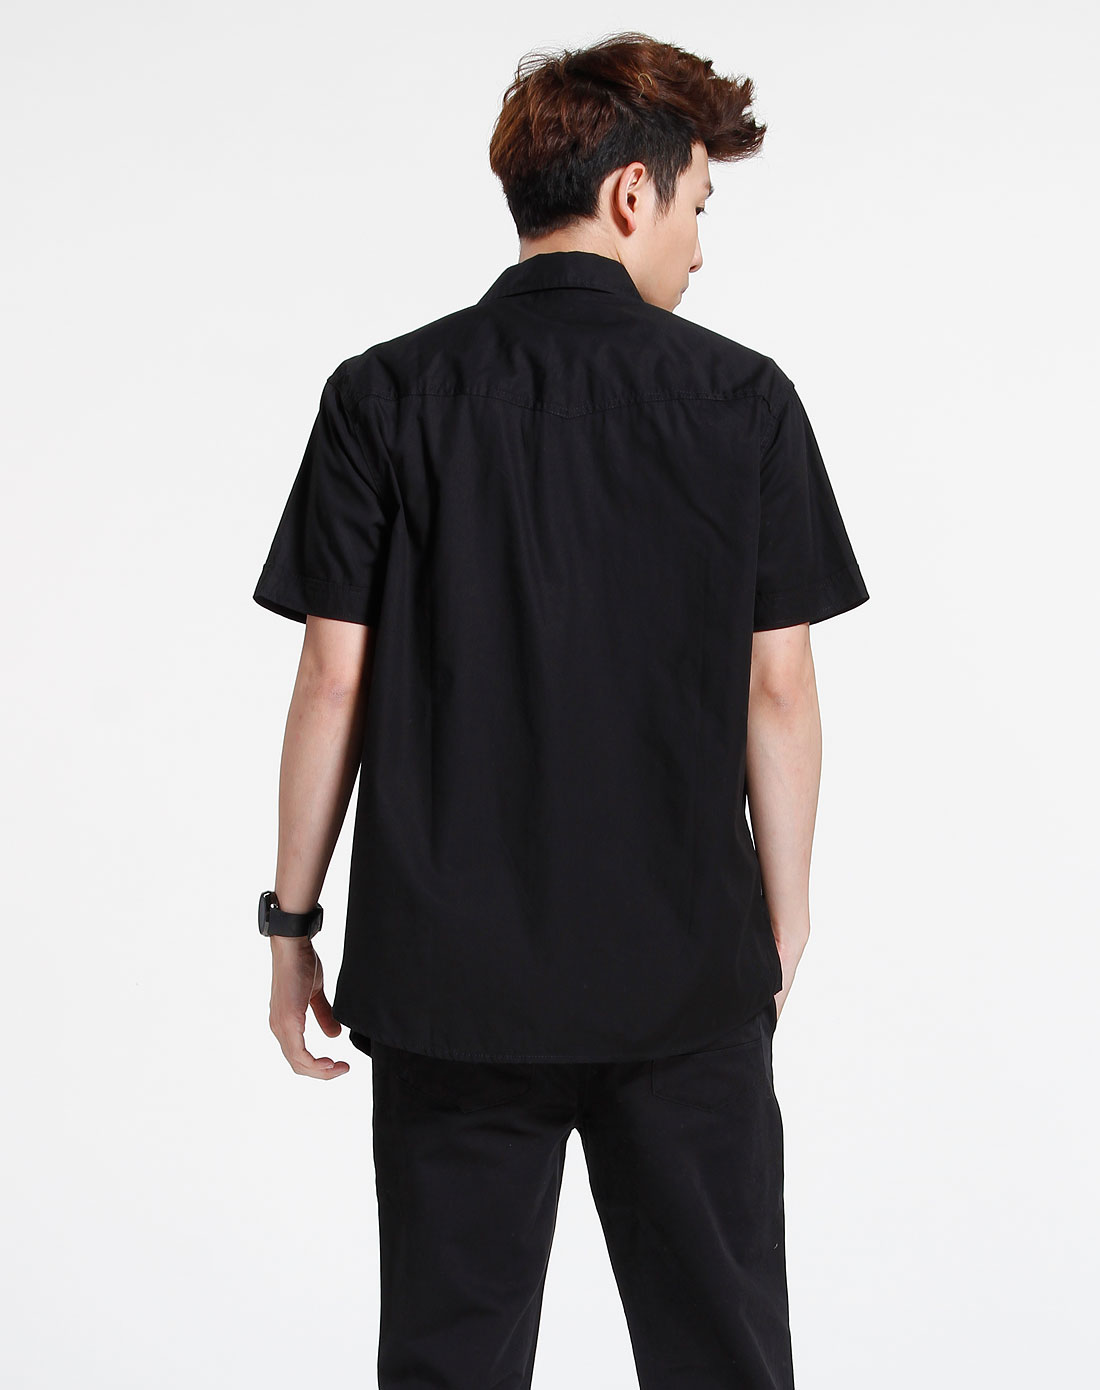 森马-男装-黑色休闲短袖衬衫图片